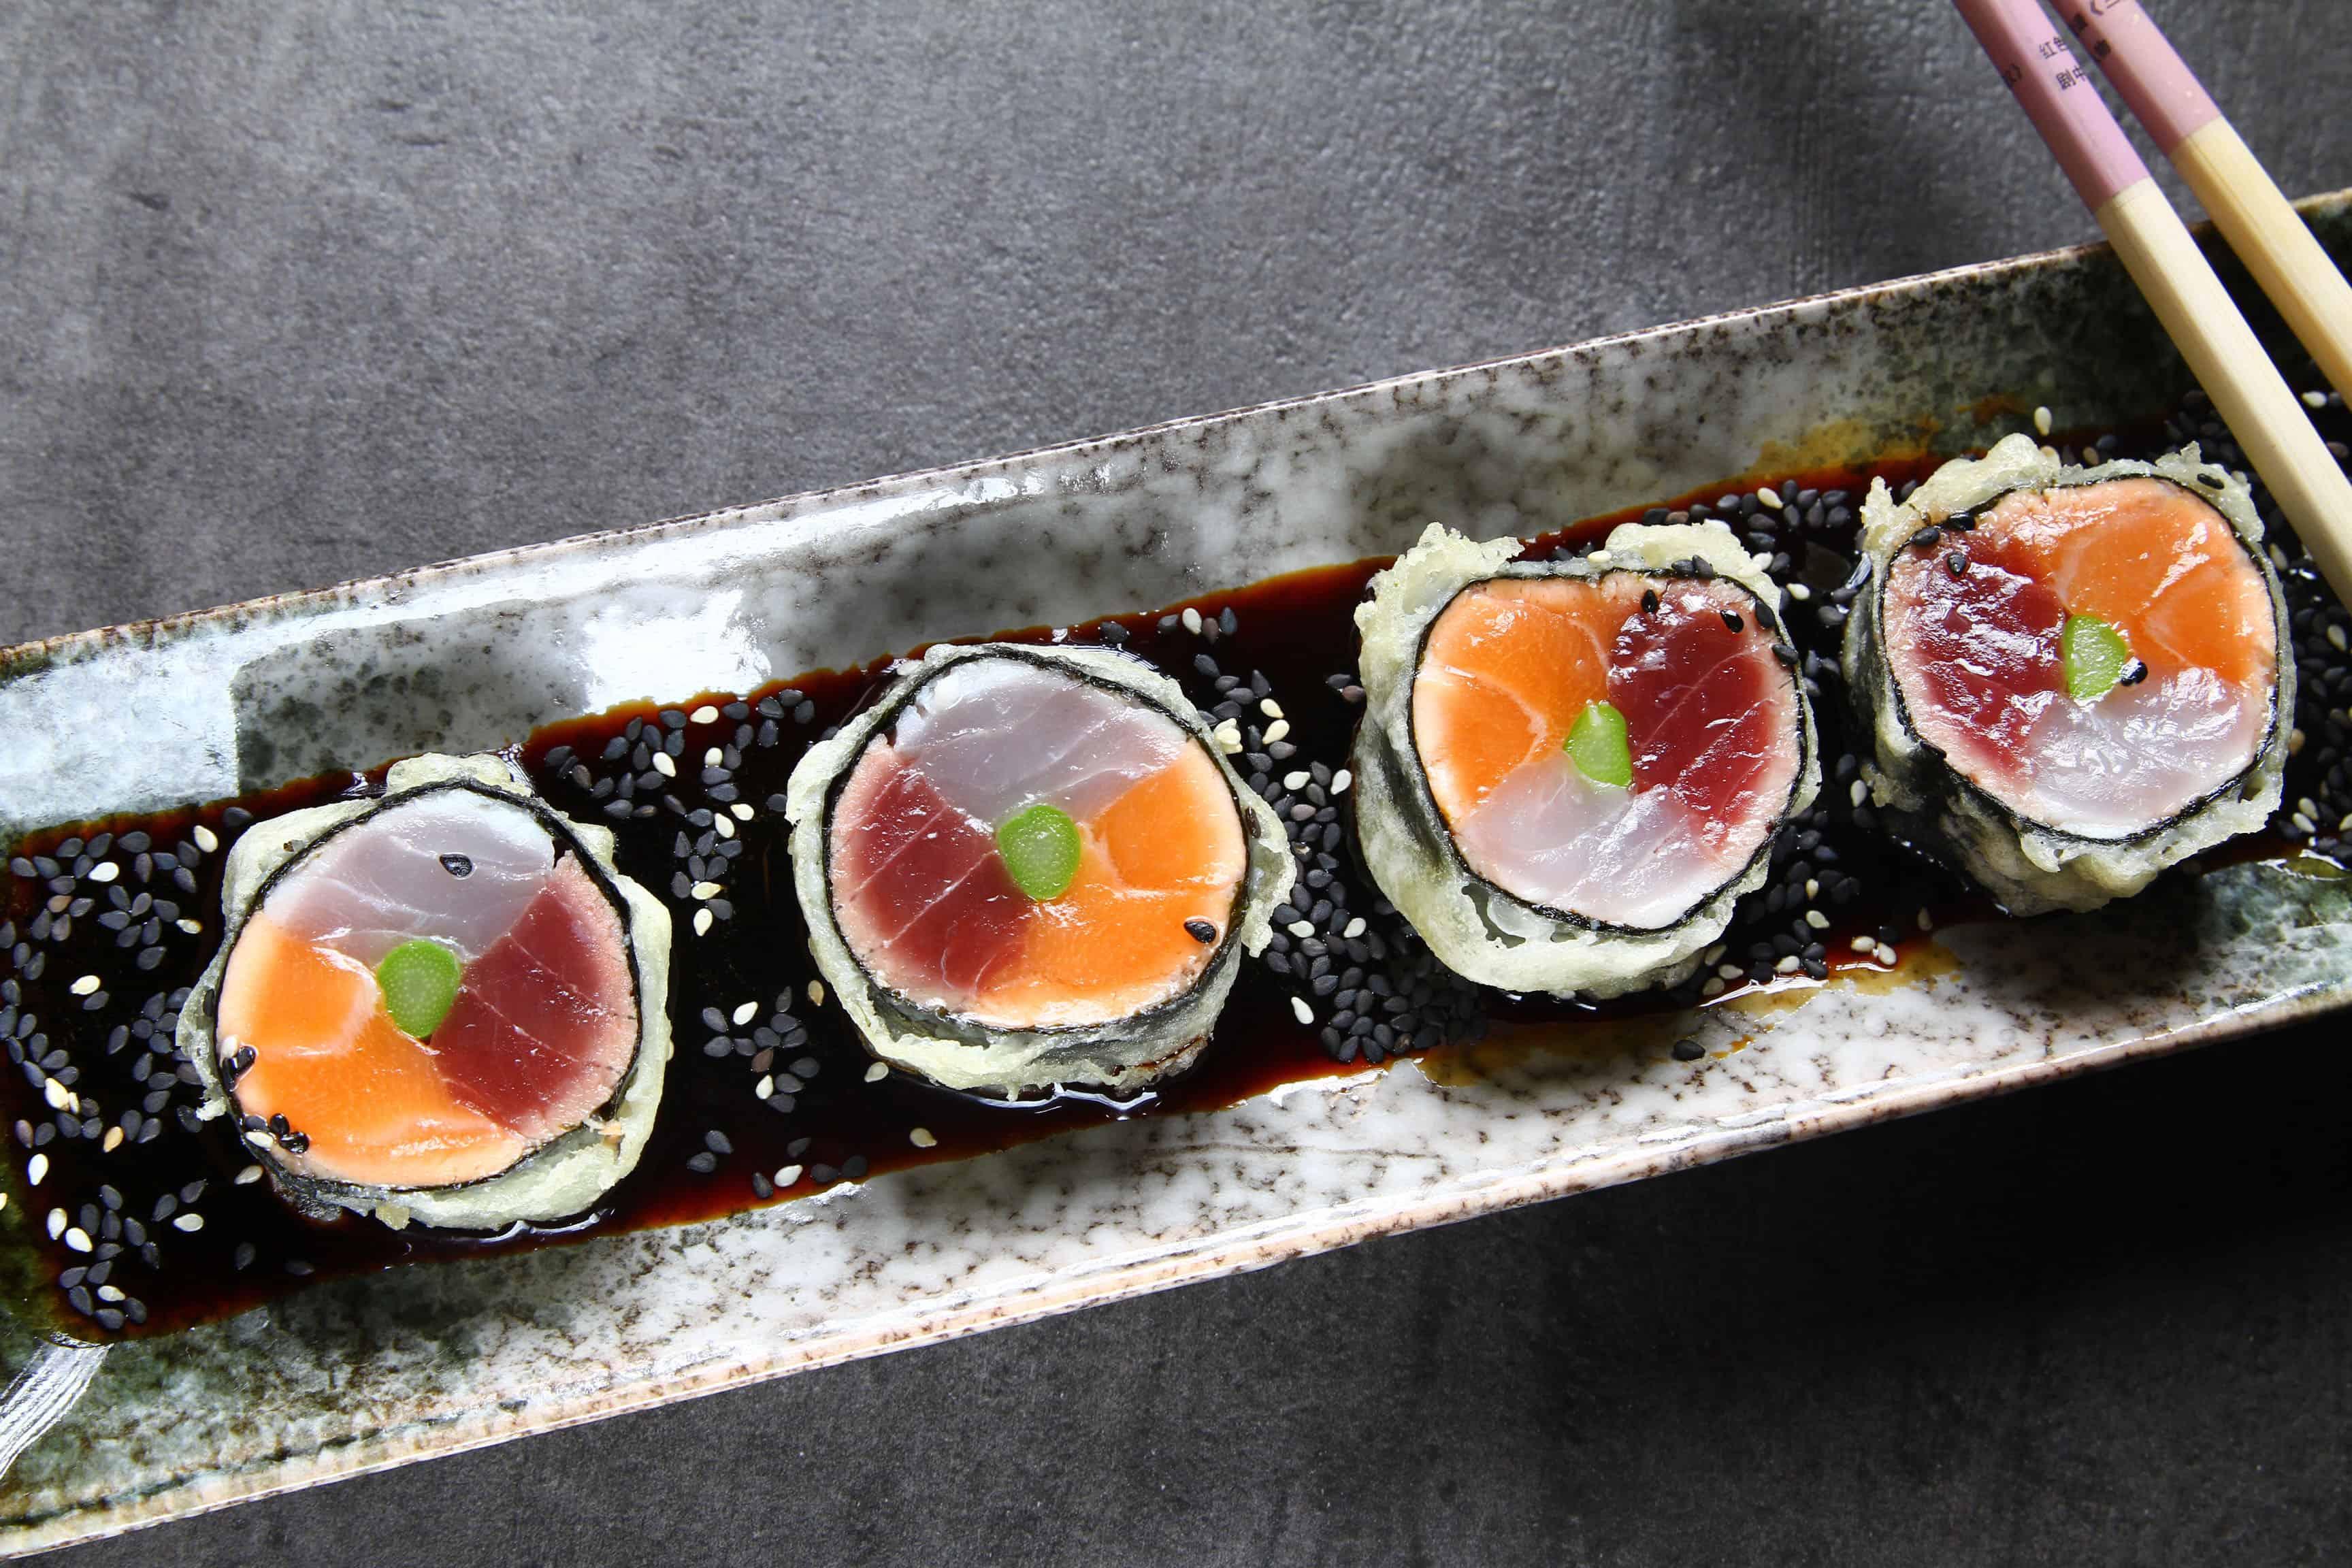 מסעדת אוקינאווה סושי בר